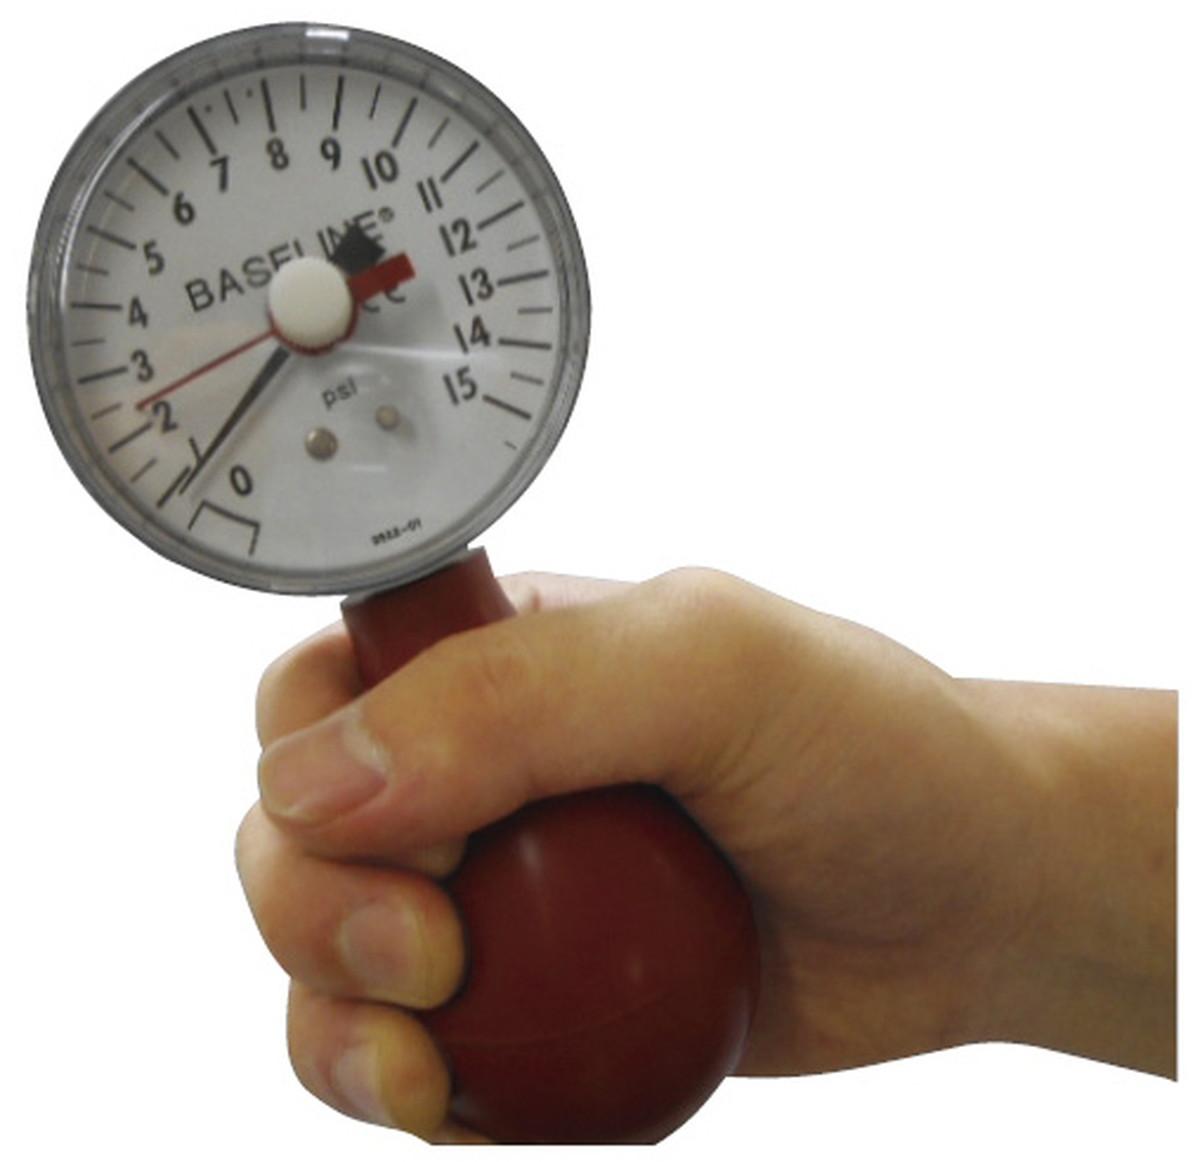 ★ポイント最大14倍★【送料無料】-ハンド圧力計(握力計) R-366-C 品番 my24-4953-00-- 1入り-【MY医科器機】